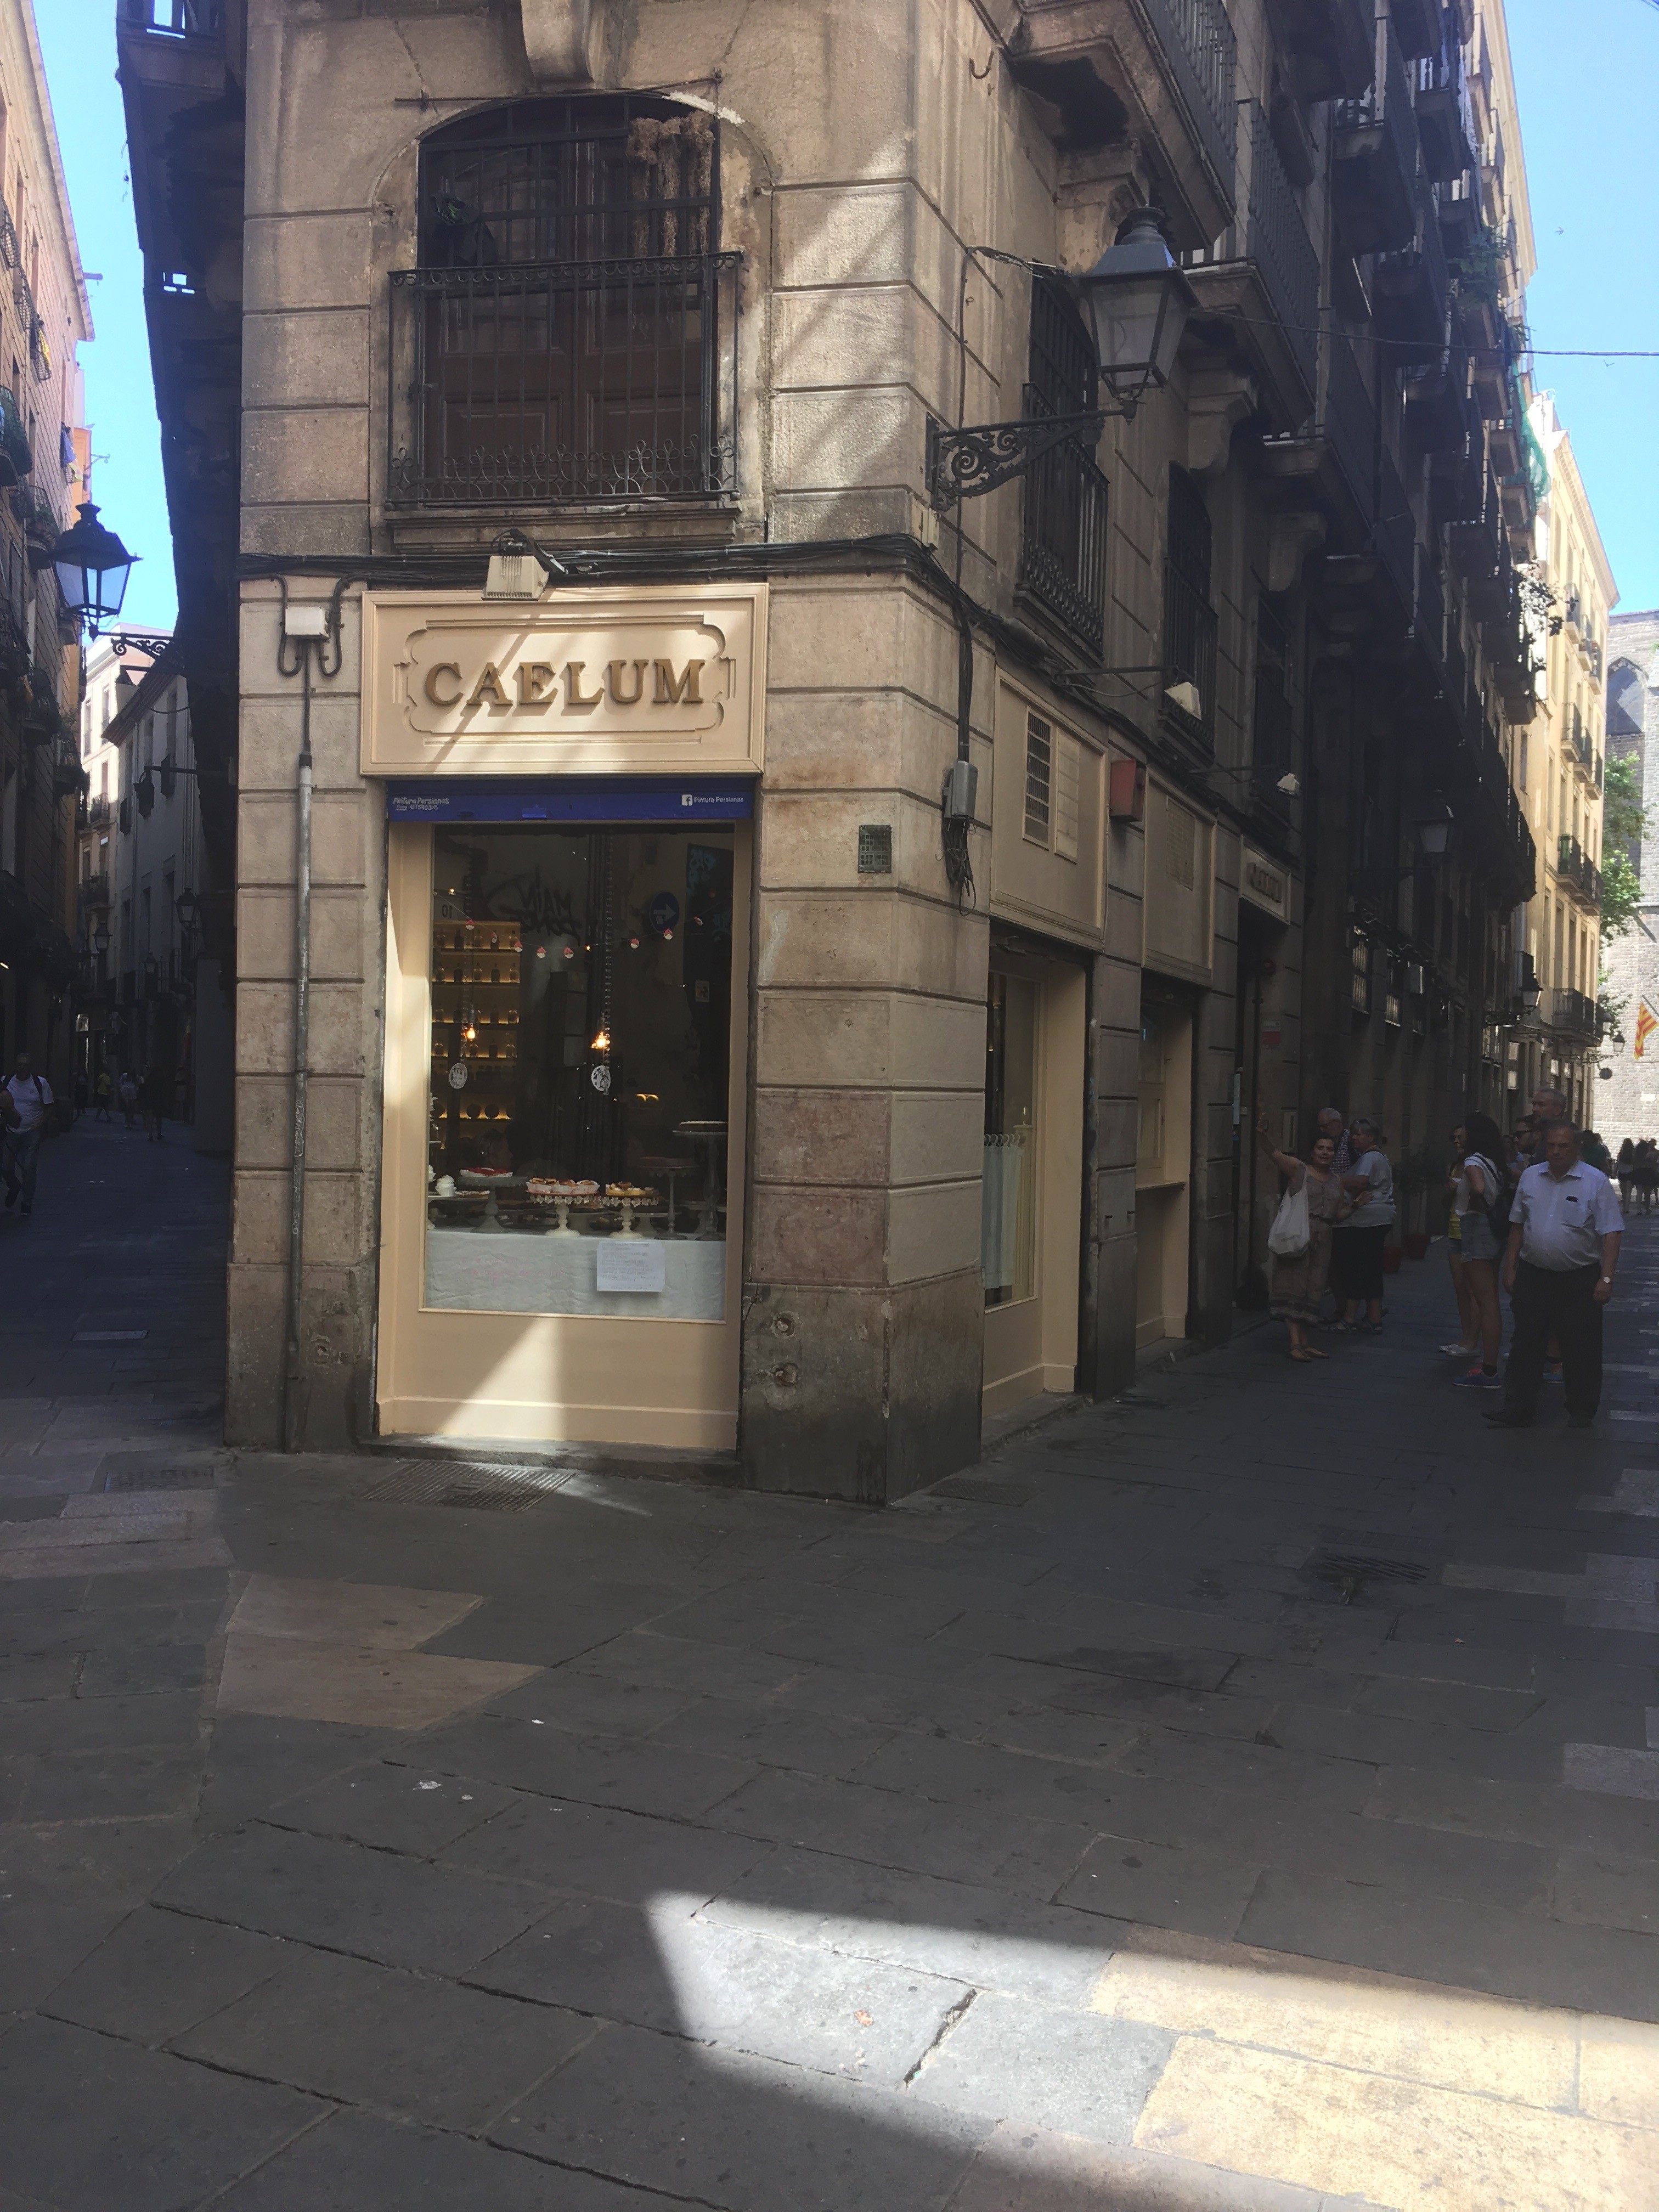 Caelum, Café, Barcelona